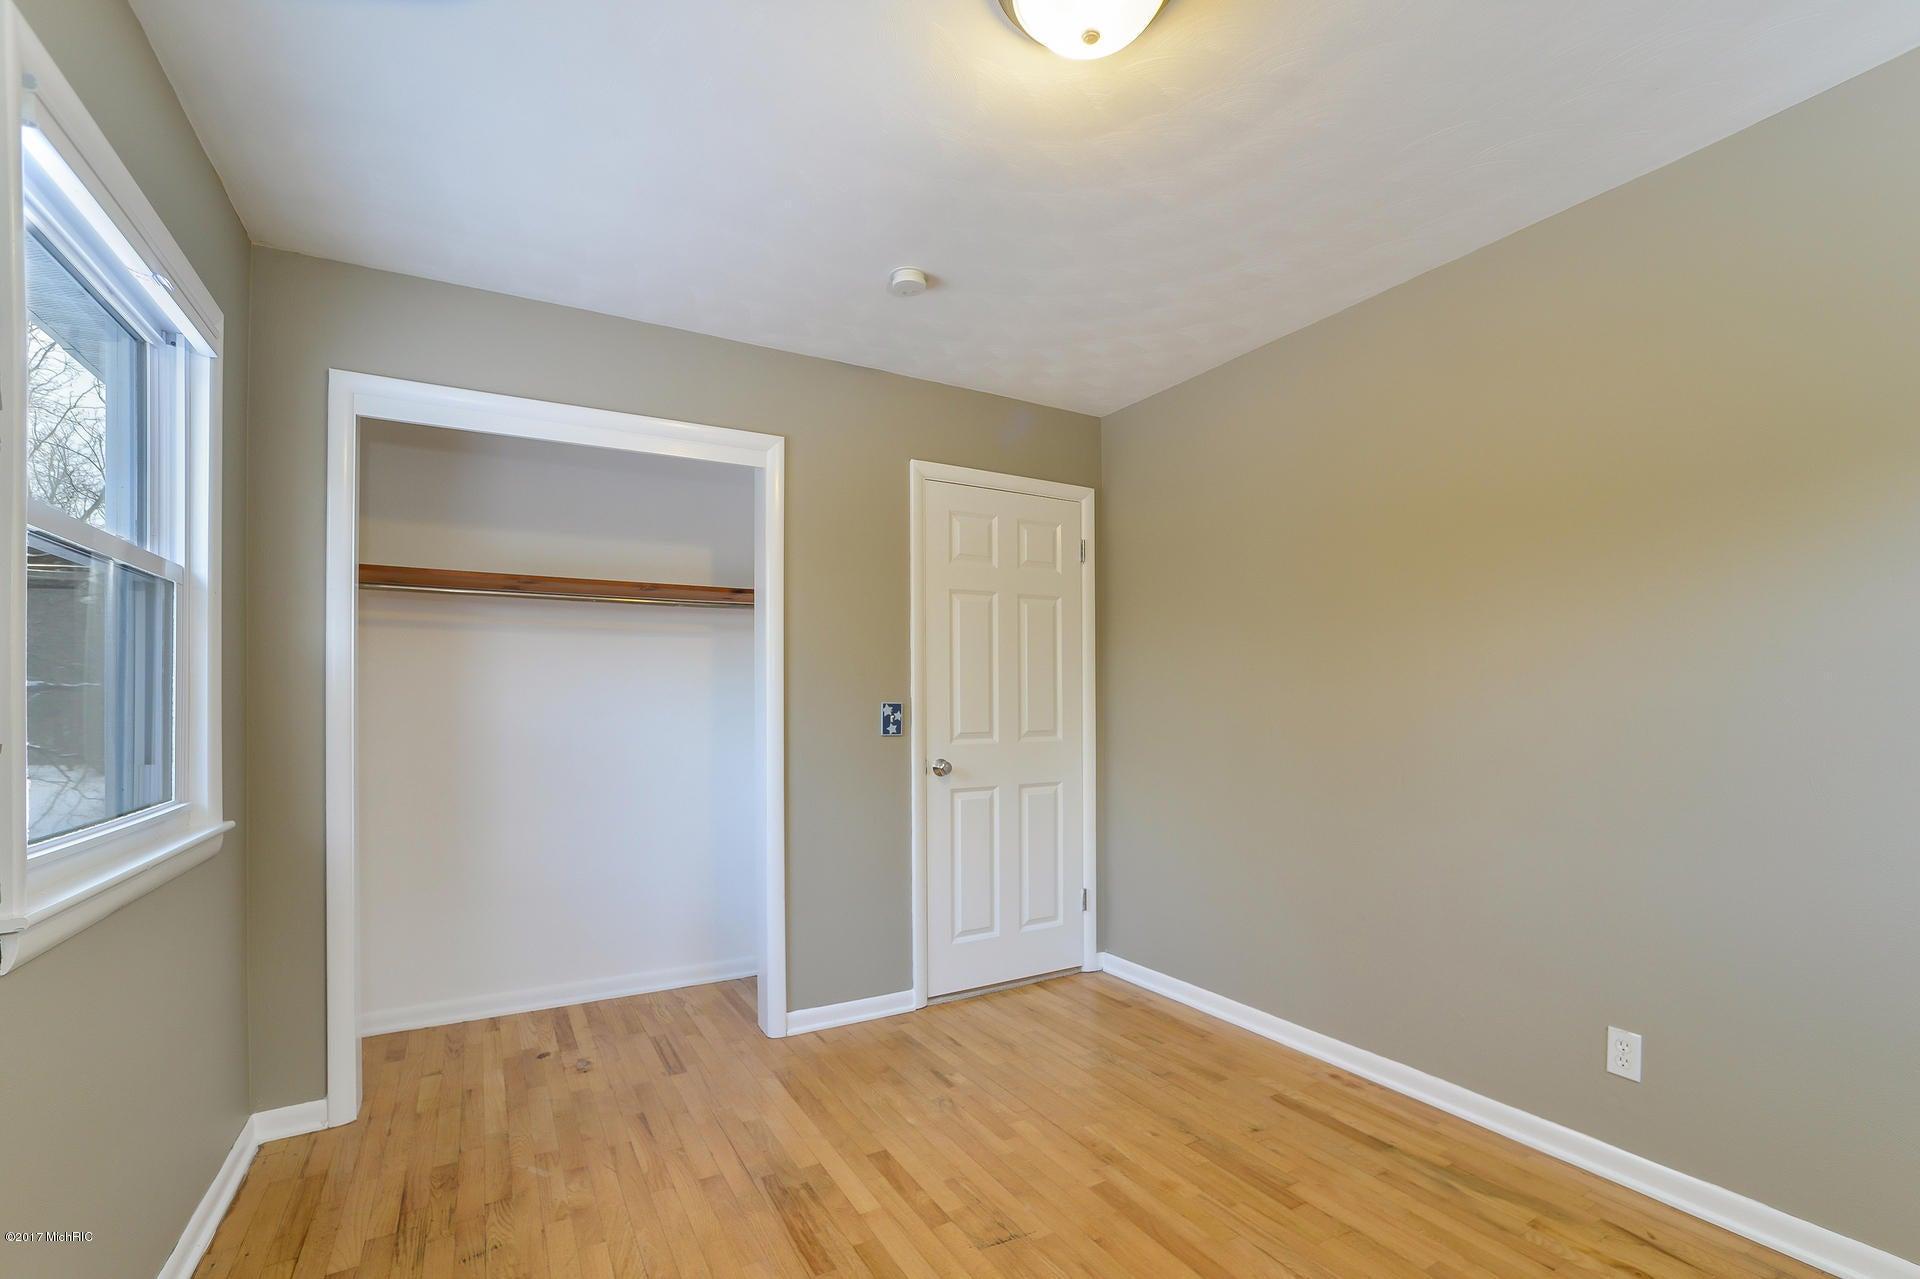 013-Bedroom 2-3668432-medium